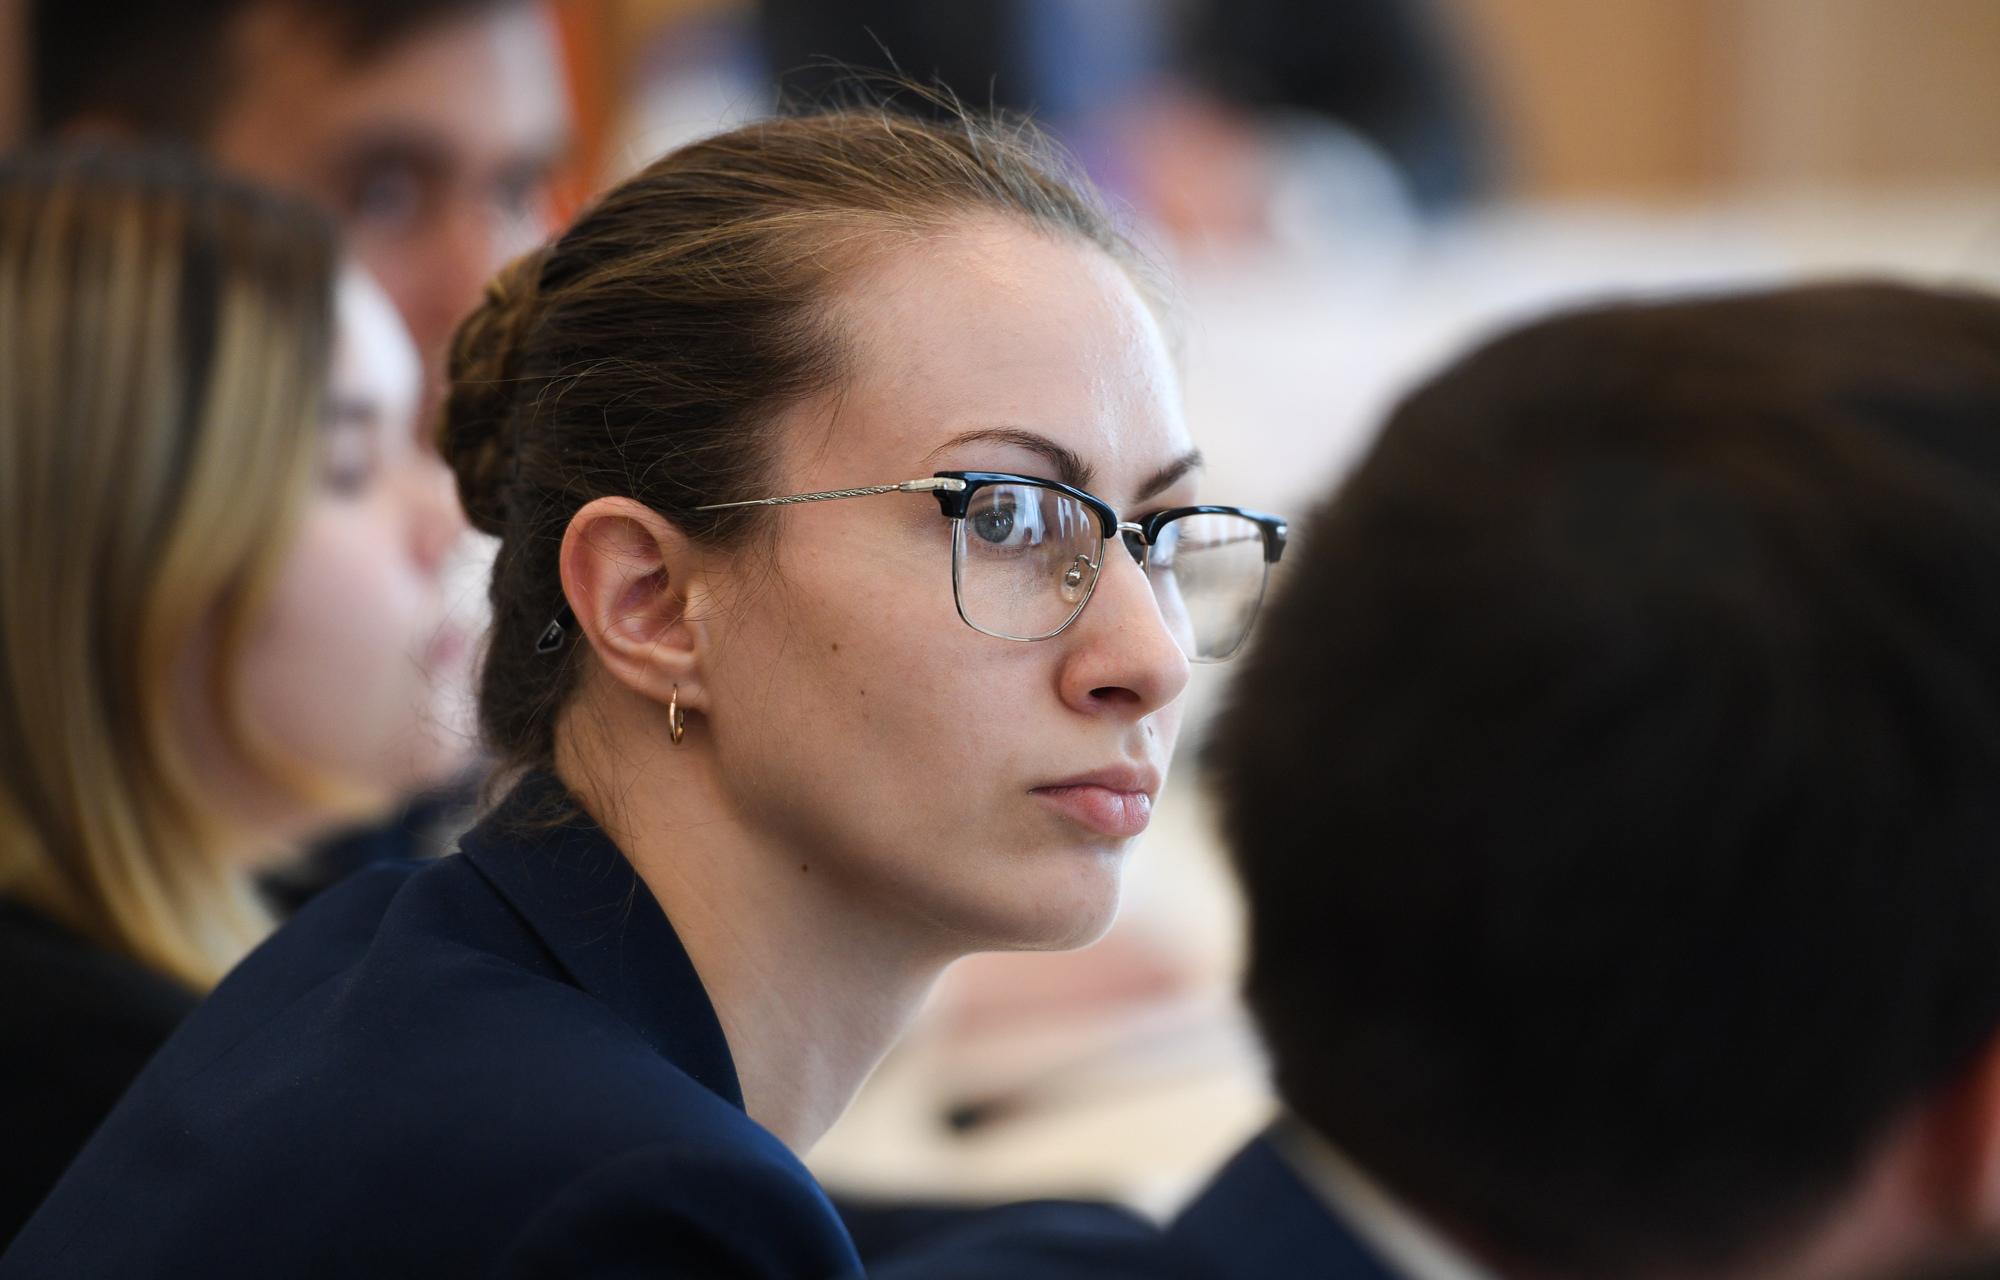 Дарья Лаврикова: Для молодежи важное значение имеет уверенность в том, что пандемия не лишит человека рабочего места